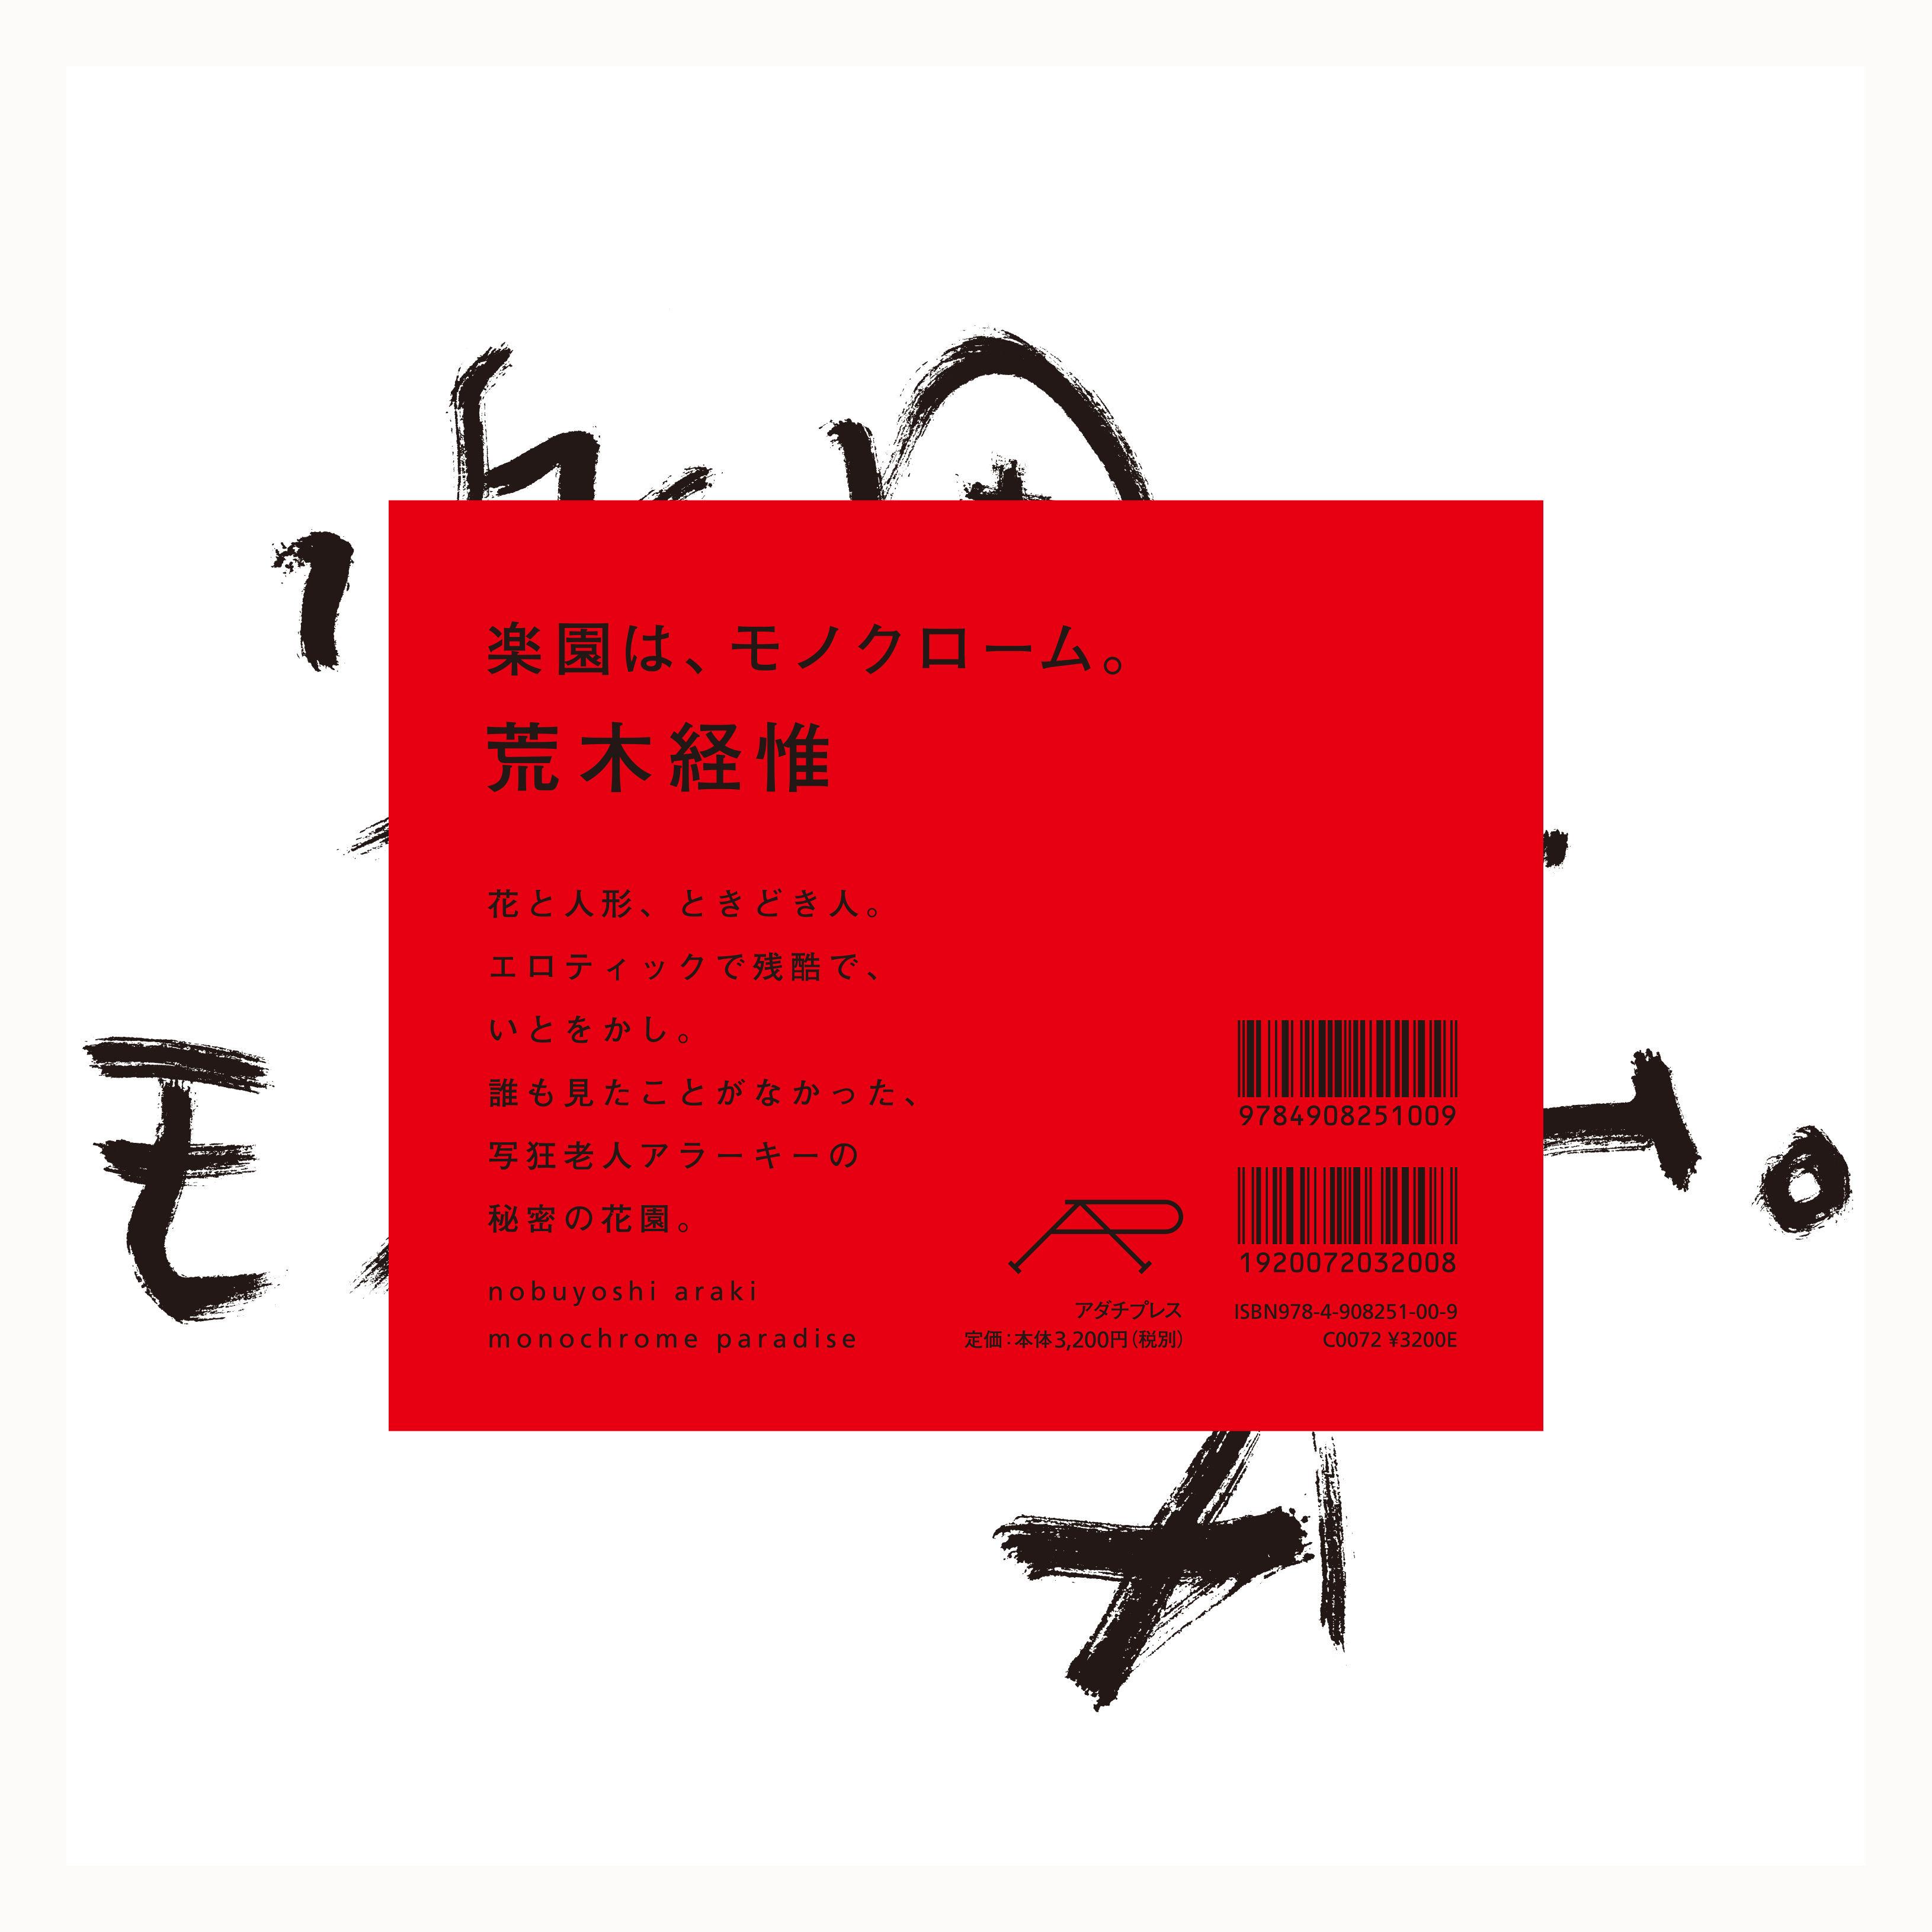 荒木経惟『楽園は、モノクローム。』 Nobuyoshi Araki, Monochrome Paradise